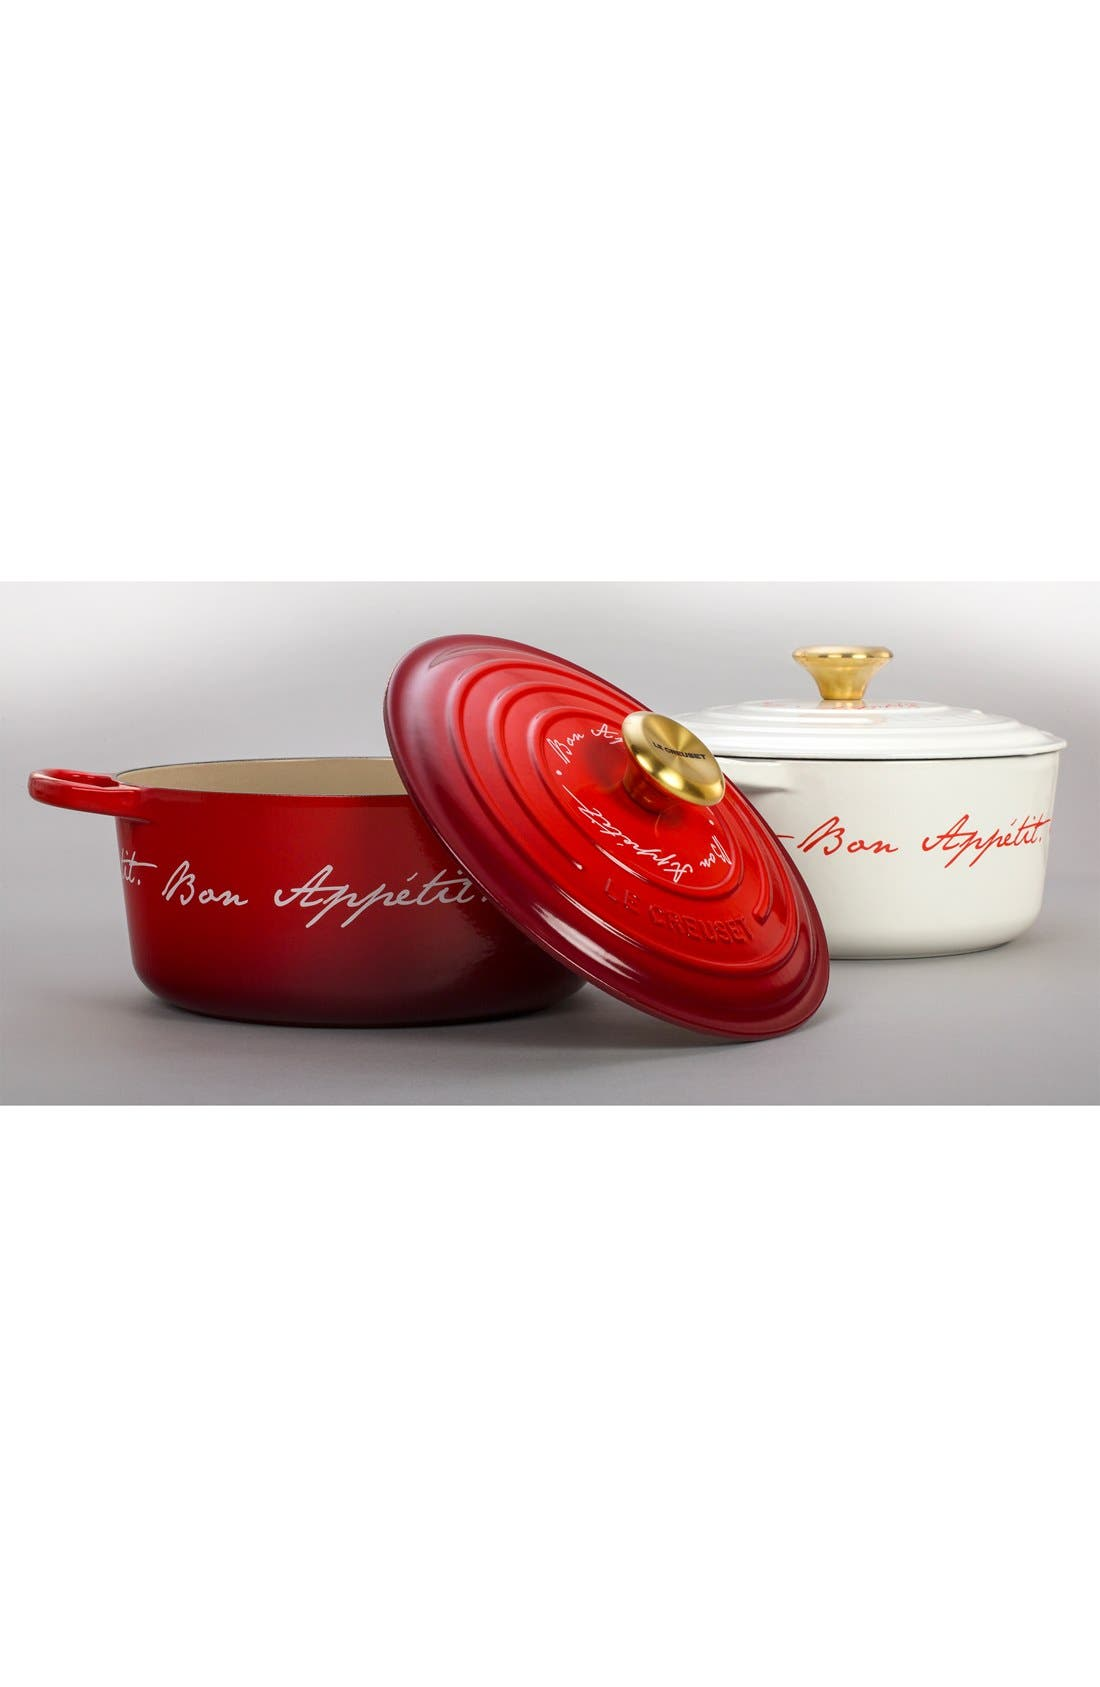 'Bon Appétit - Gold Knob' 4 1/2 Quart Round Enamel Cast Iron French/Dutch Oven,                             Alternate thumbnail 3, color,